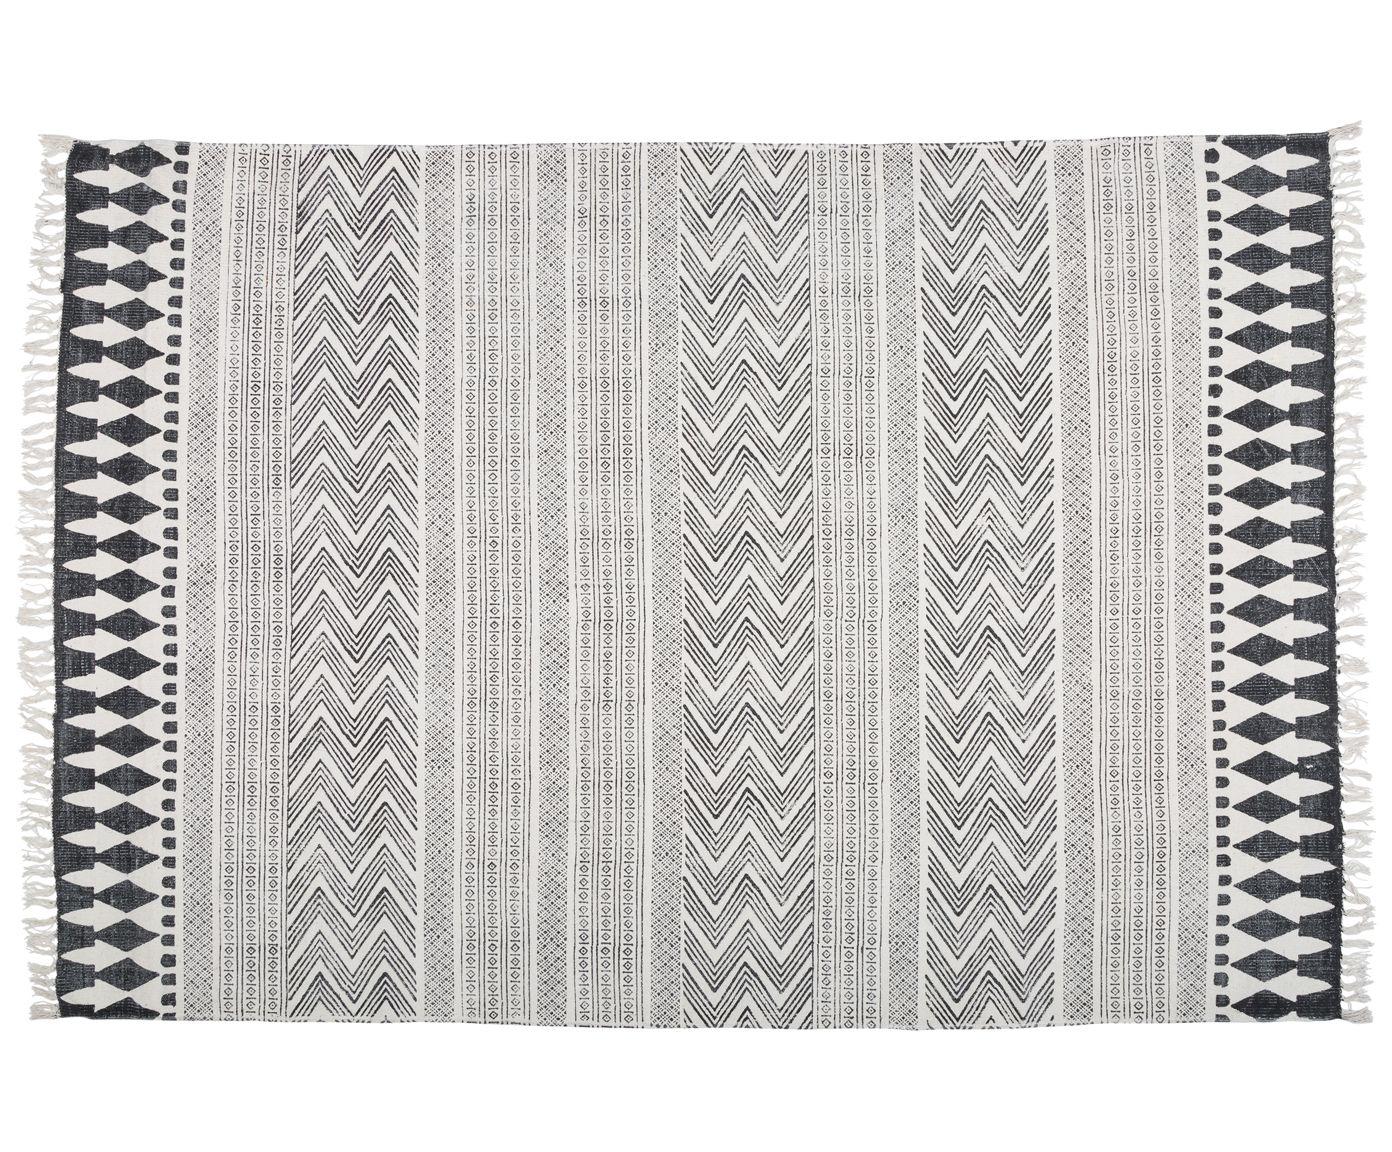 handbedruckter teppich block wohnung pinterest schwarzer teppich teppich schwarz wei und. Black Bedroom Furniture Sets. Home Design Ideas